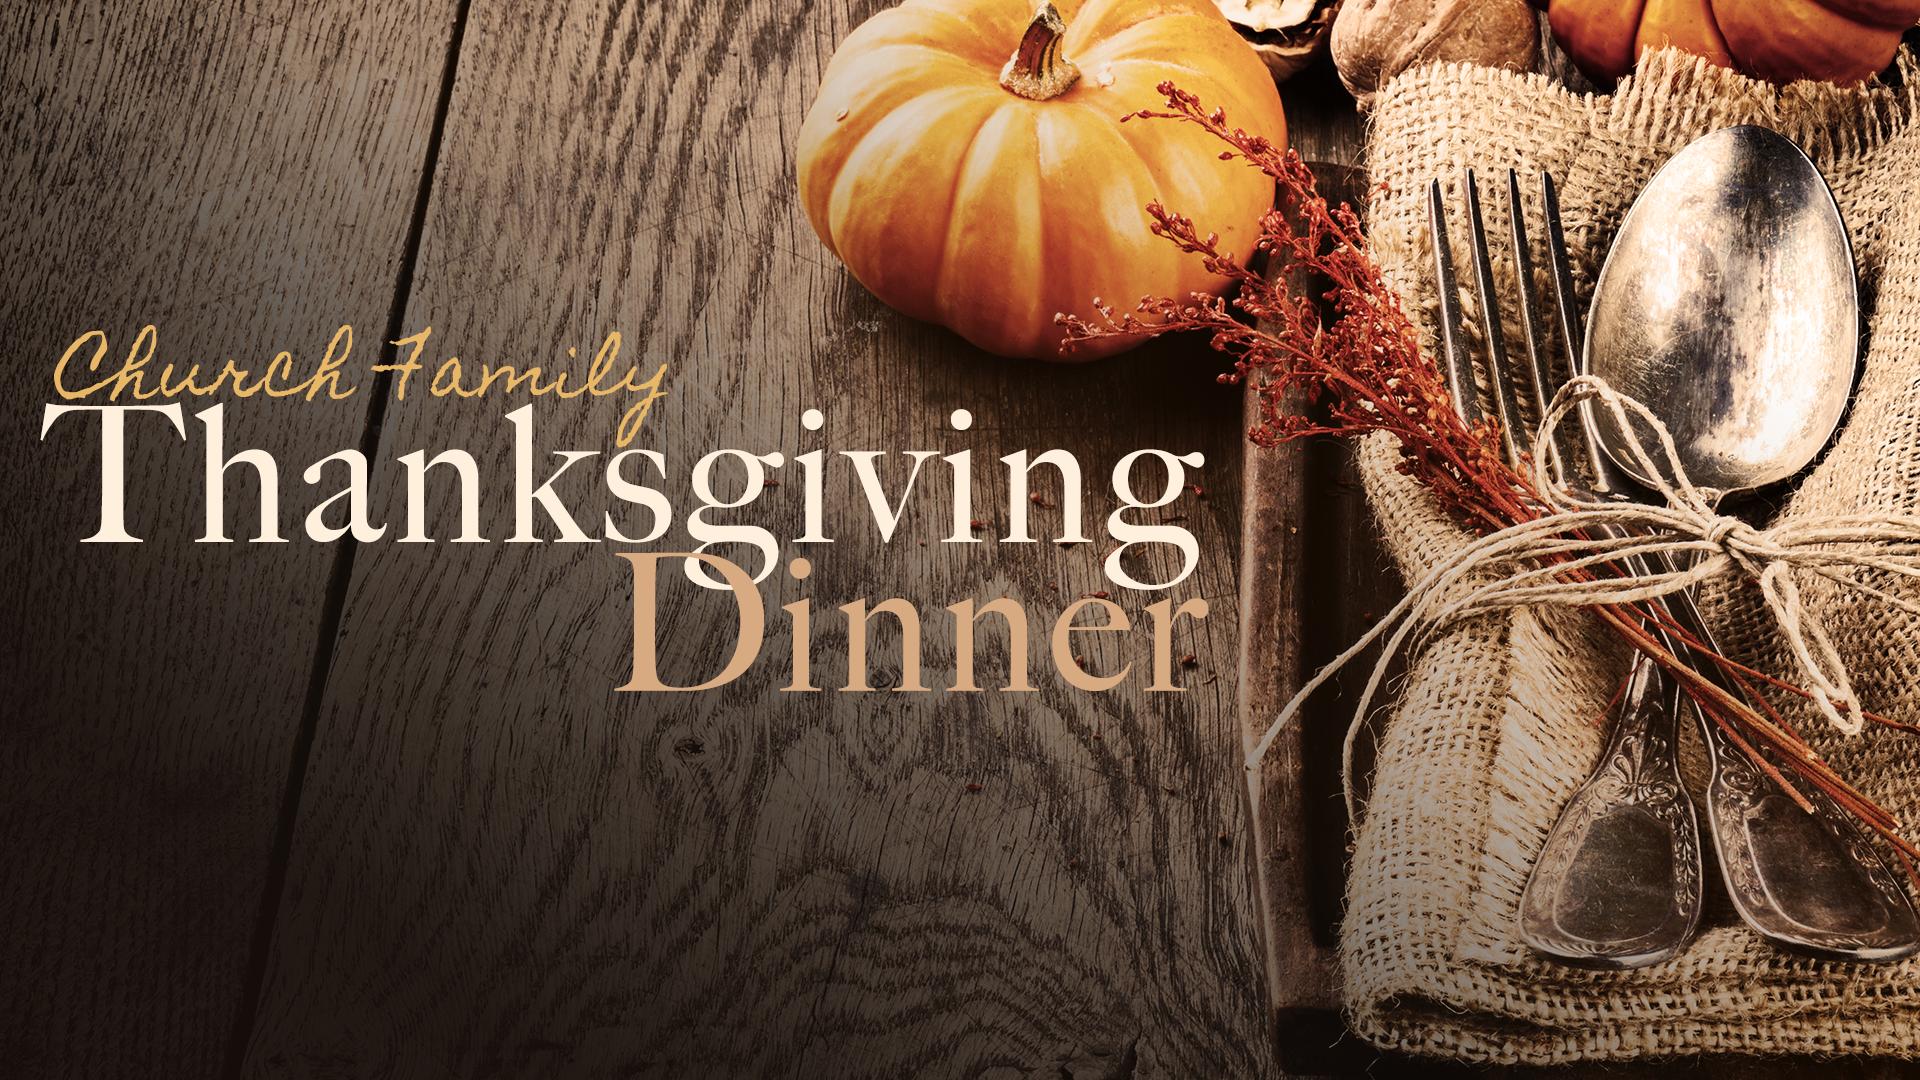 1920x1080 thanksgiving dinner